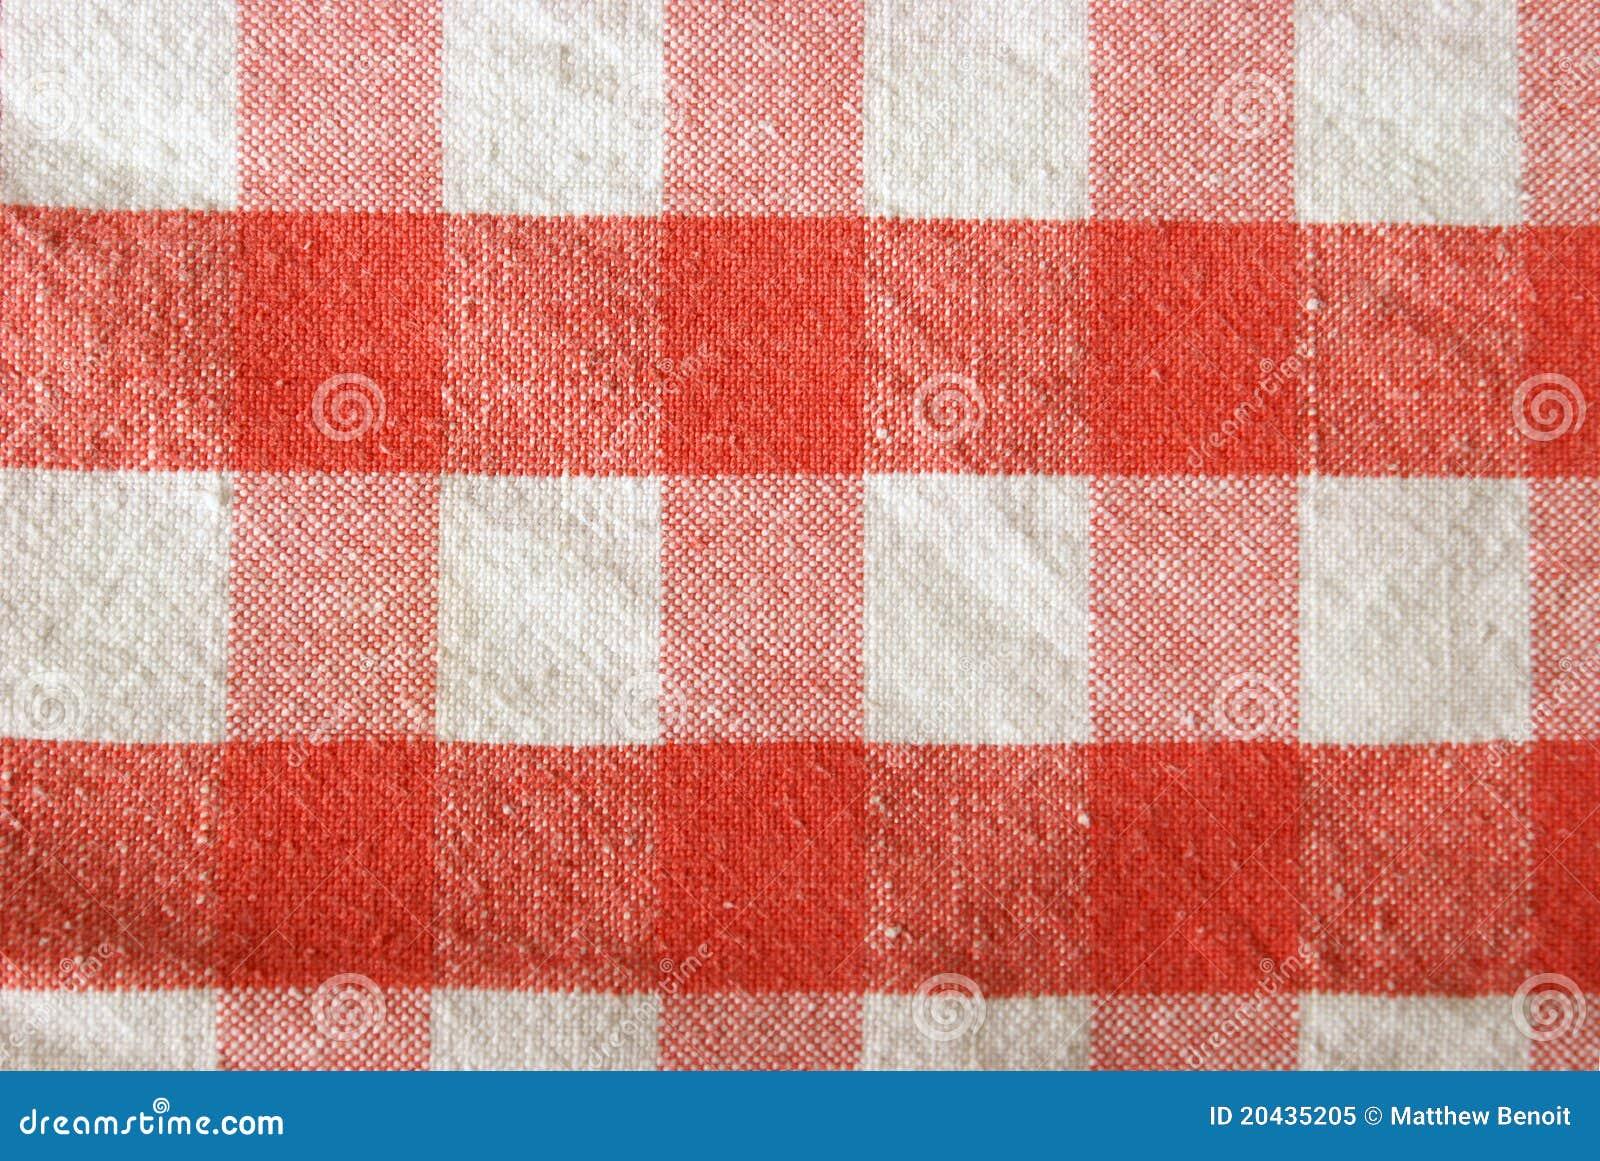 Tovaglia Checkered